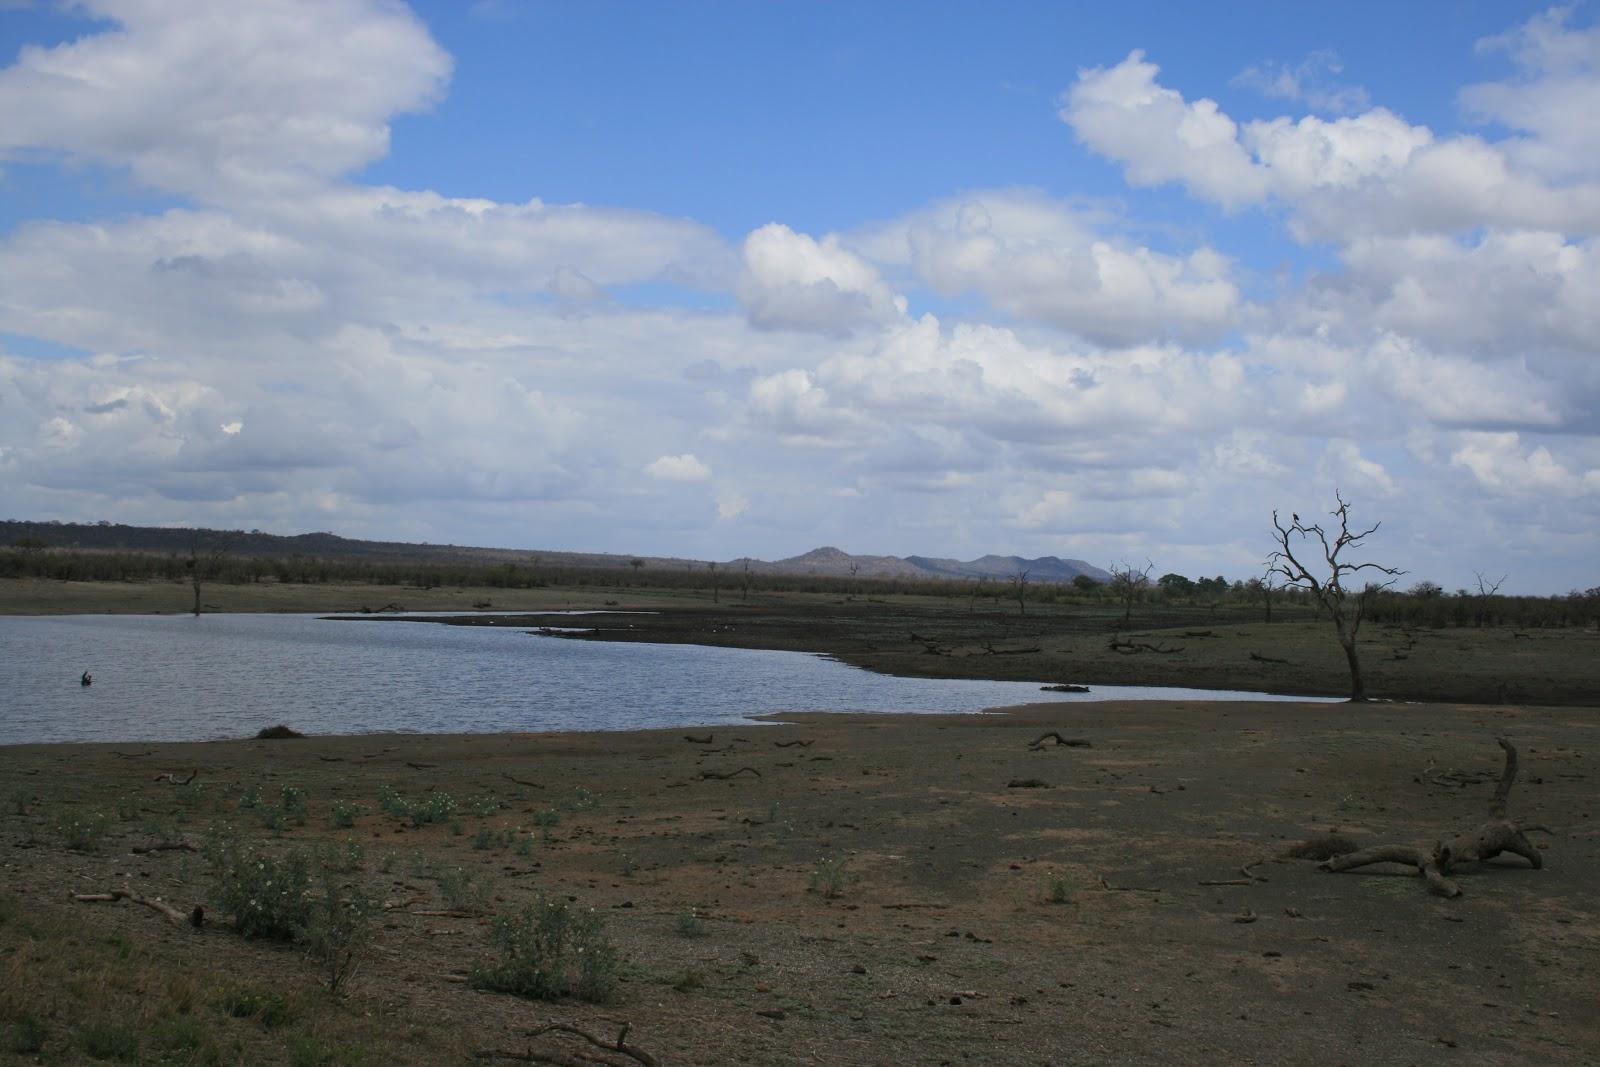 Over ongebaande paden.......: oktober 2012